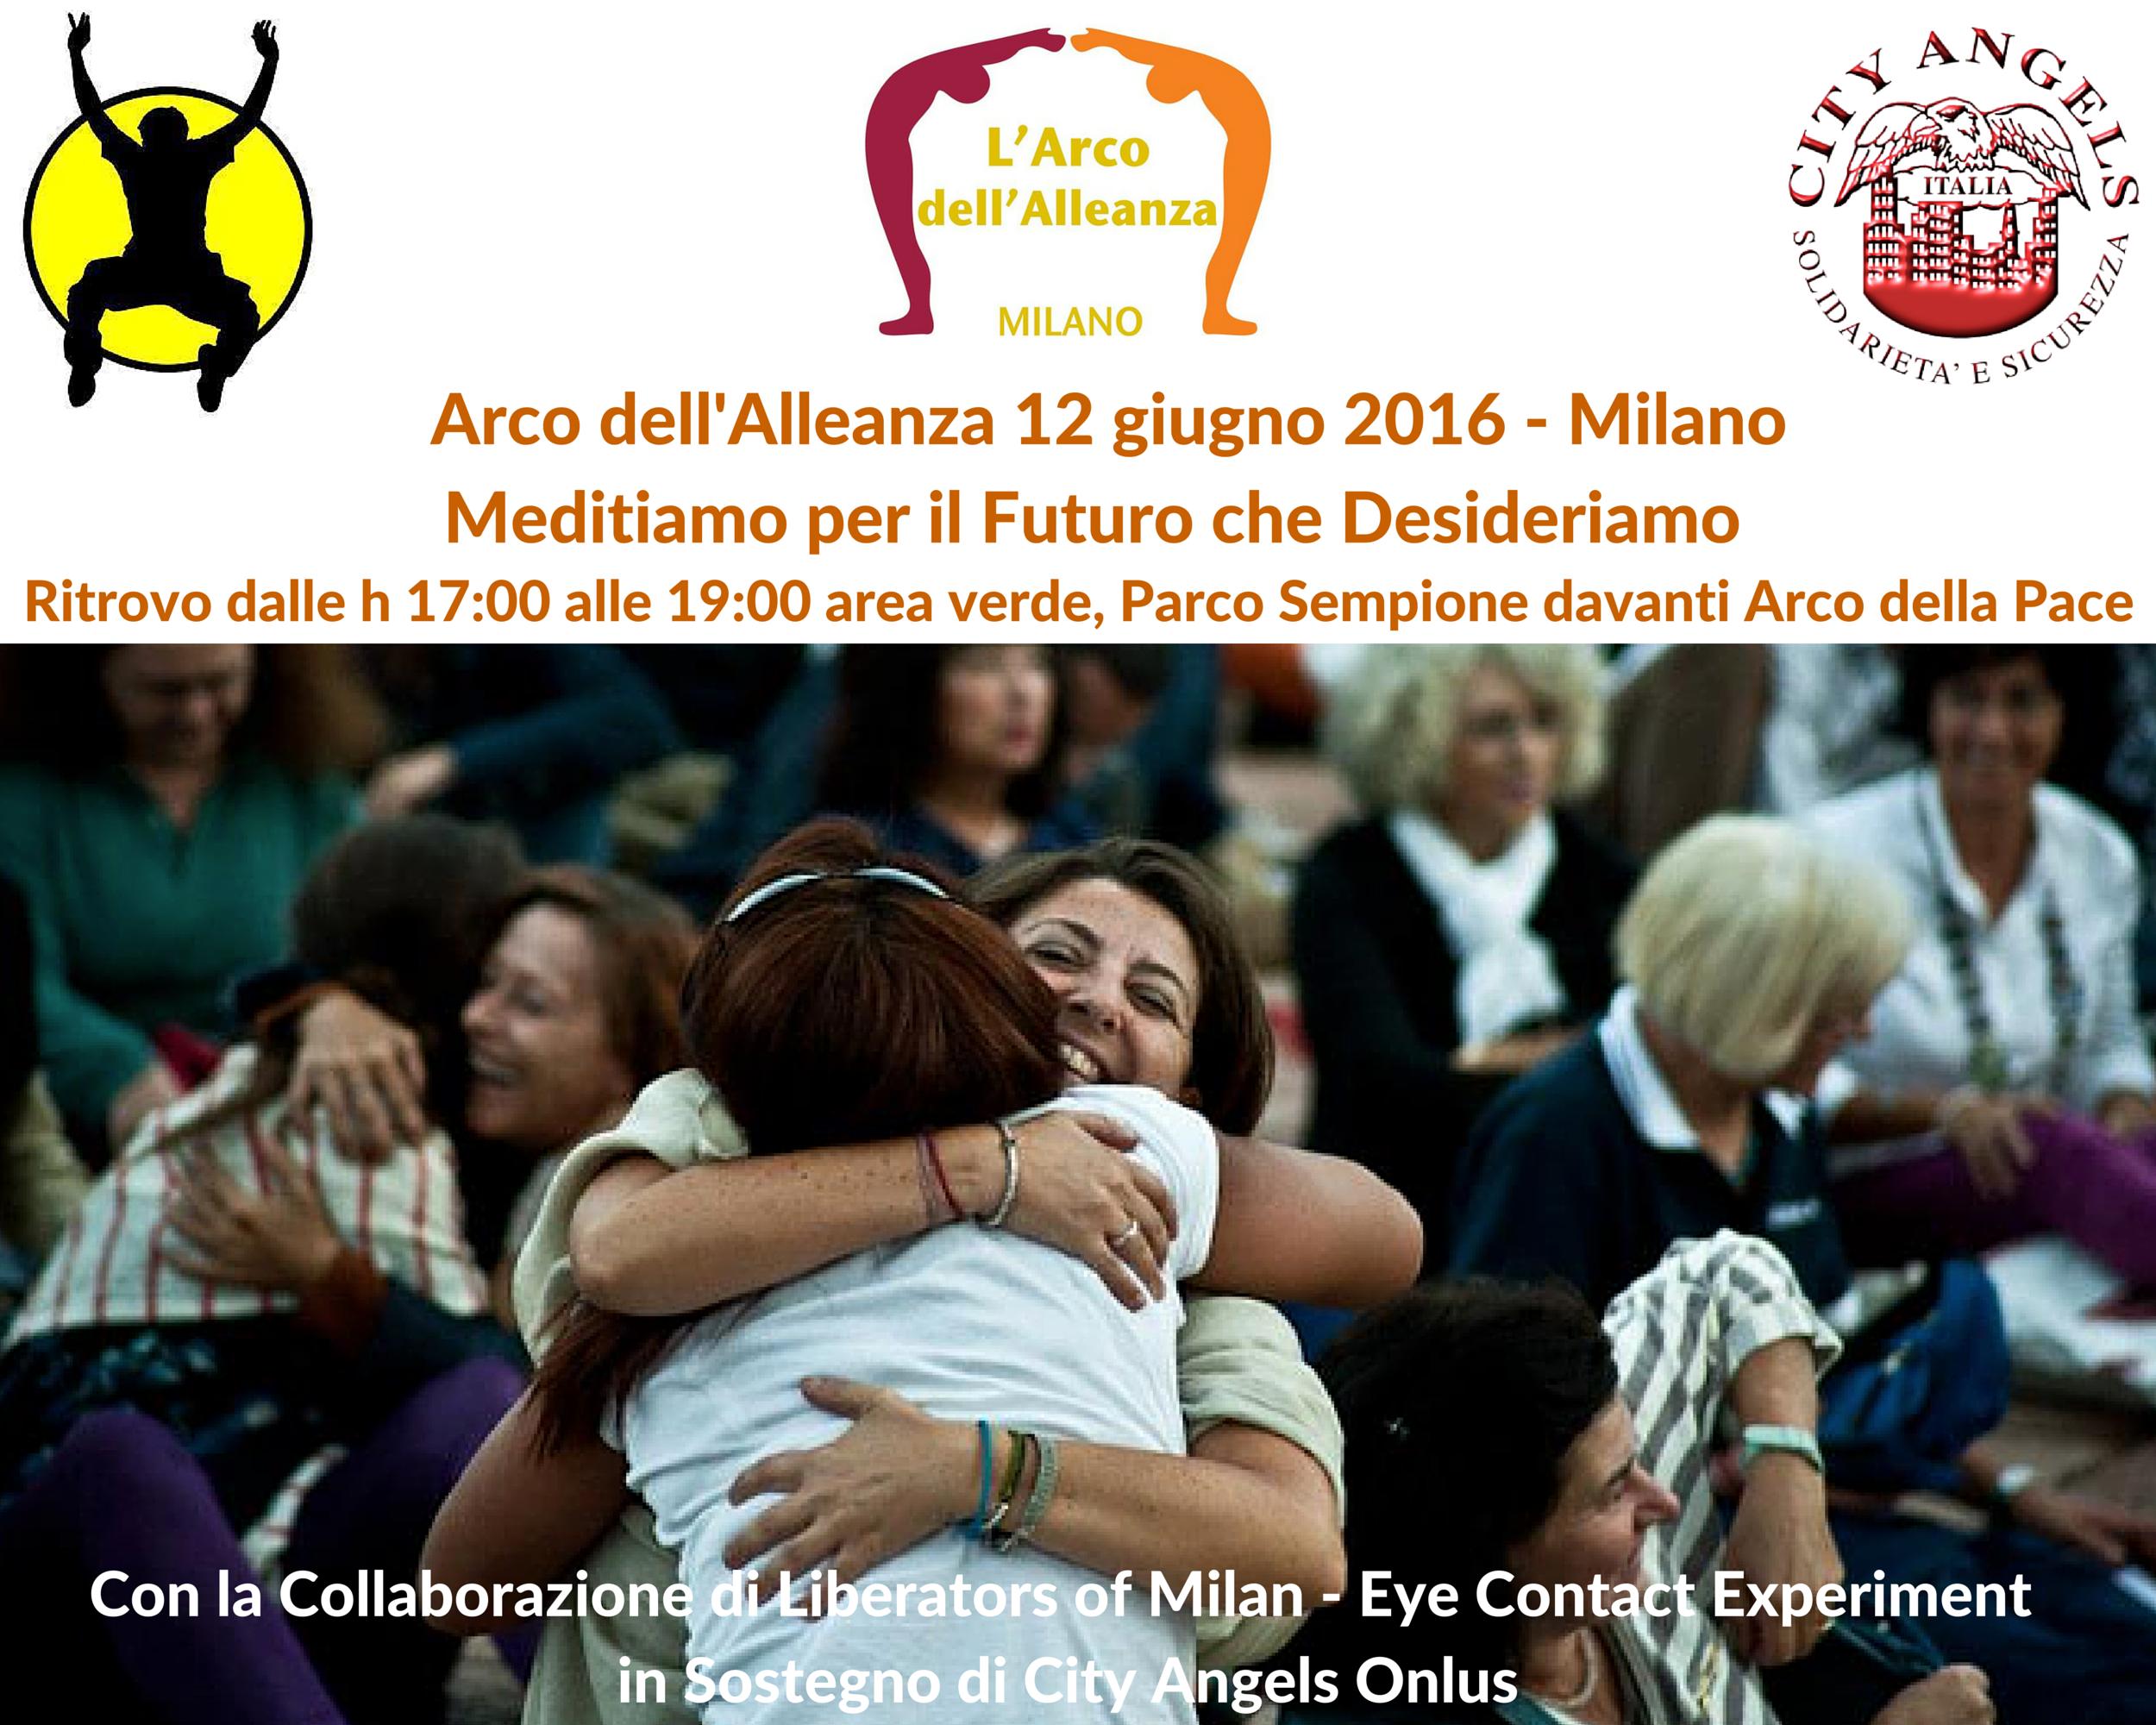 Arco dell'Alleanza 12 giugno 2016 Meditiamo per il Futuro che Desideriamo Ritrovo dalle ore 17-00 area verde davanti Arco della Pace (1)